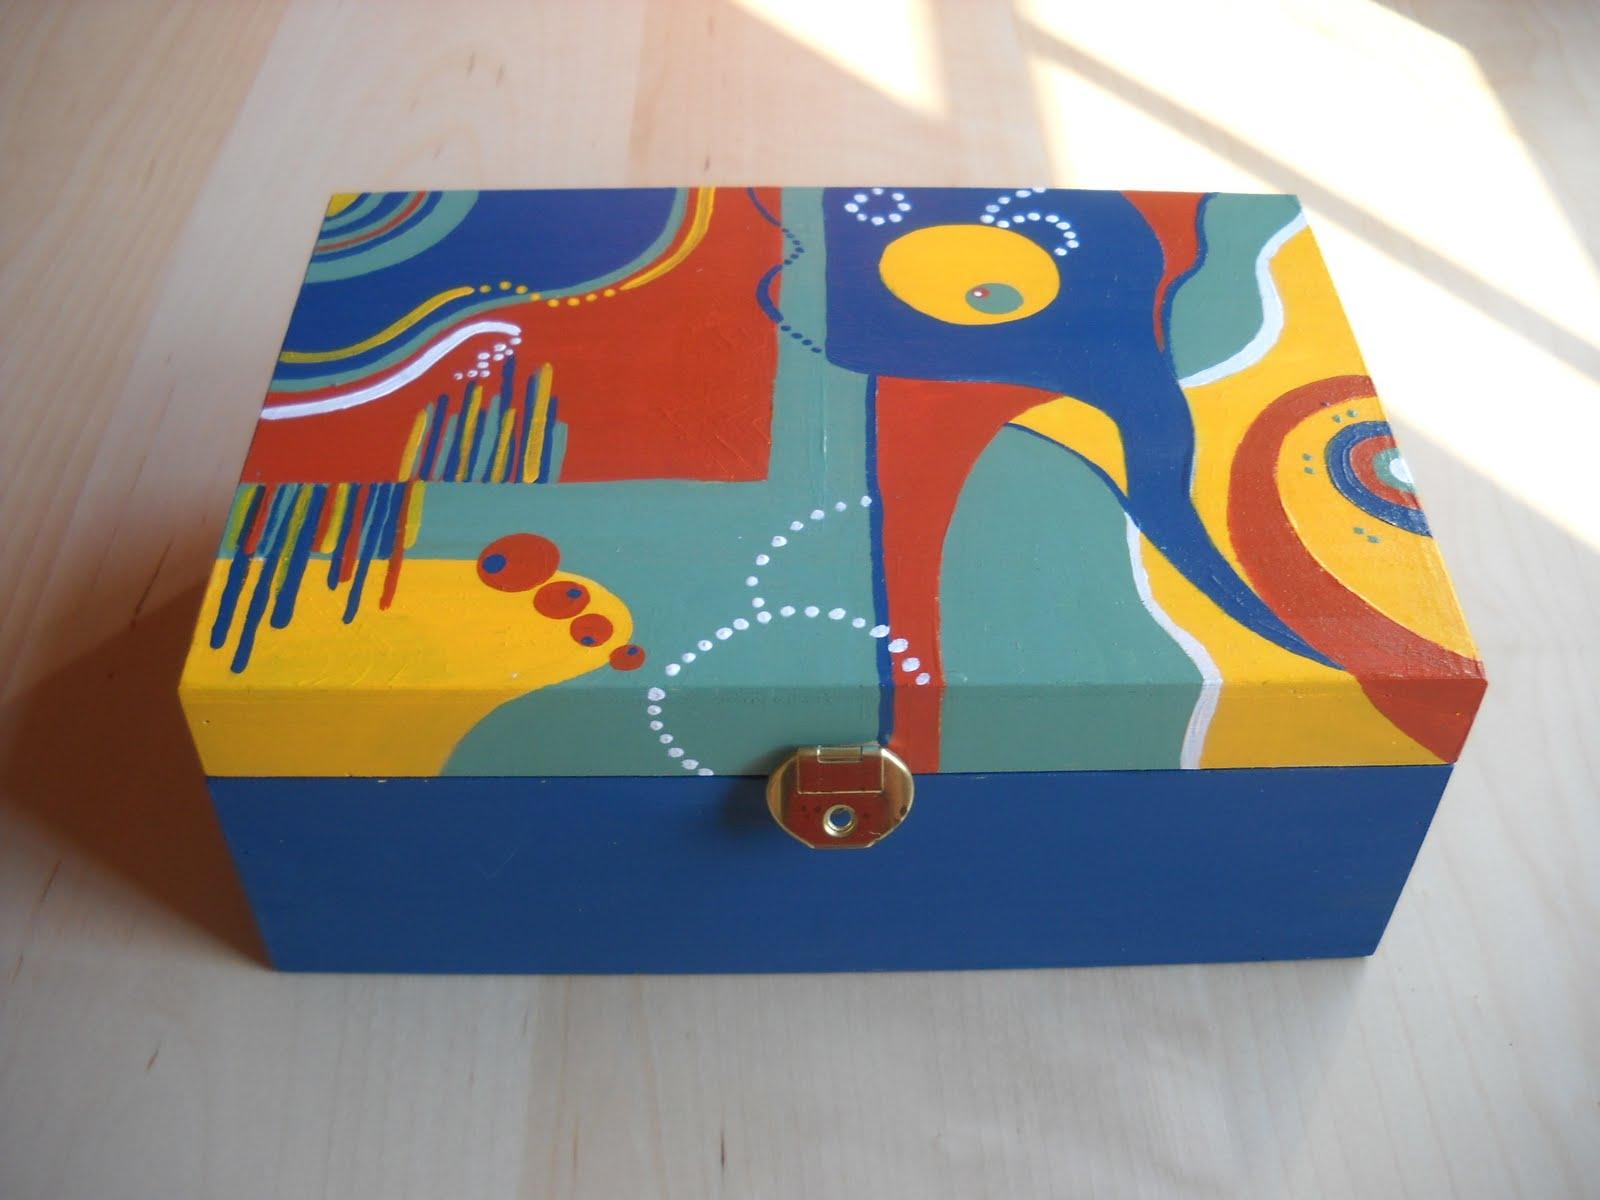 Cajas de madera pintadas a mano imagui for Cajas pintadas a mano